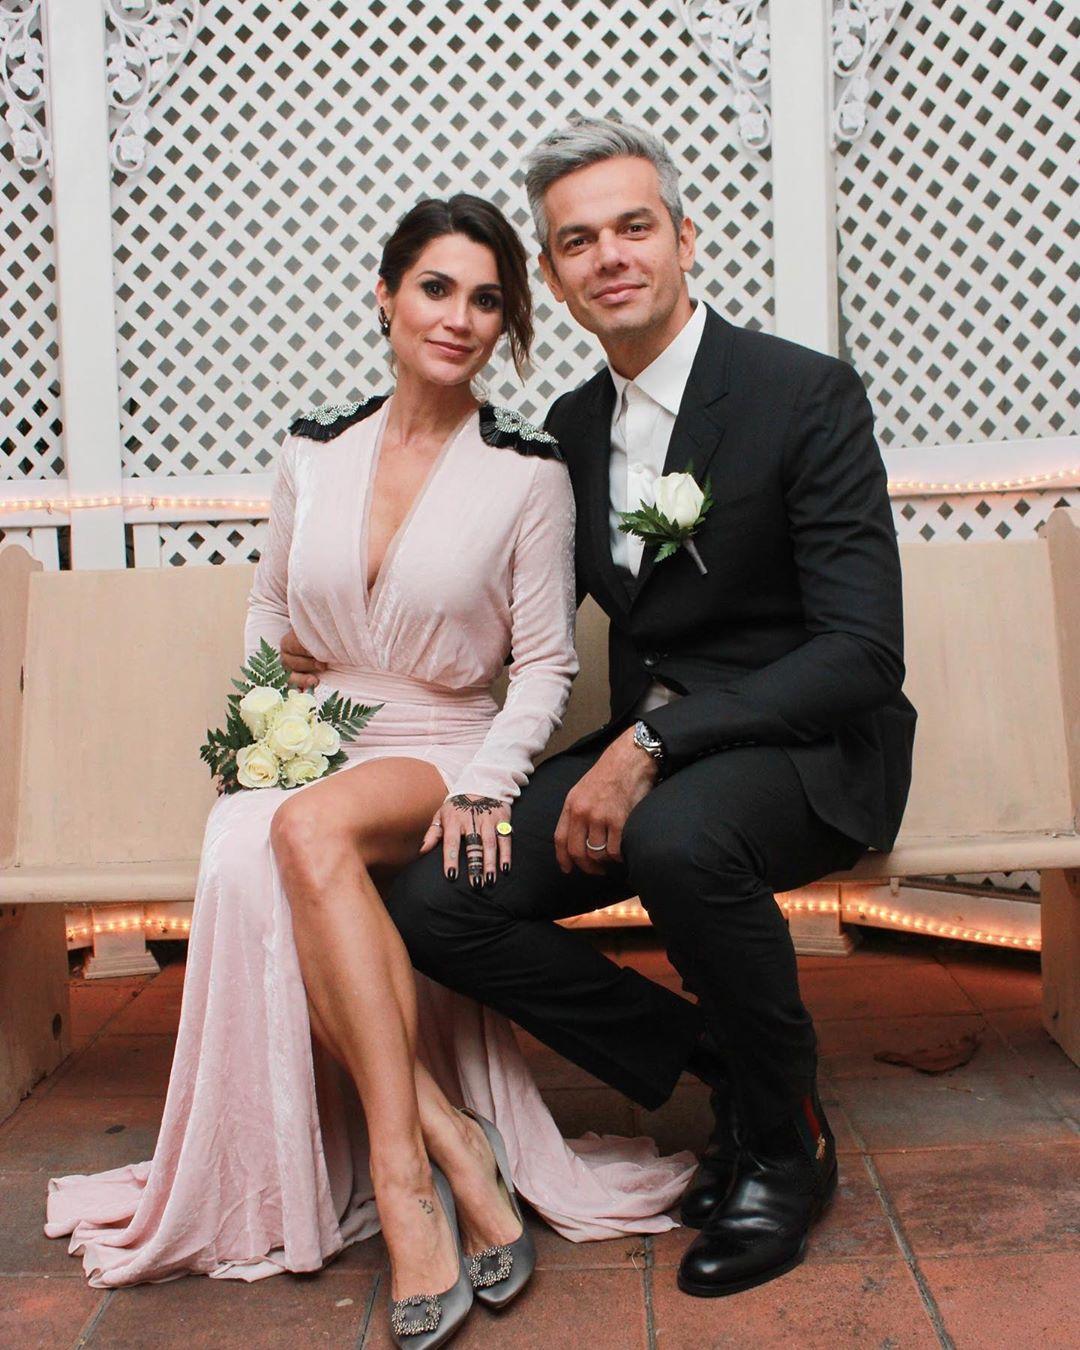 Flávia Alessandra e Otaviano Costa no casamento em Las Vegas, em 2017 (Foto: Reprodução/Instagram)